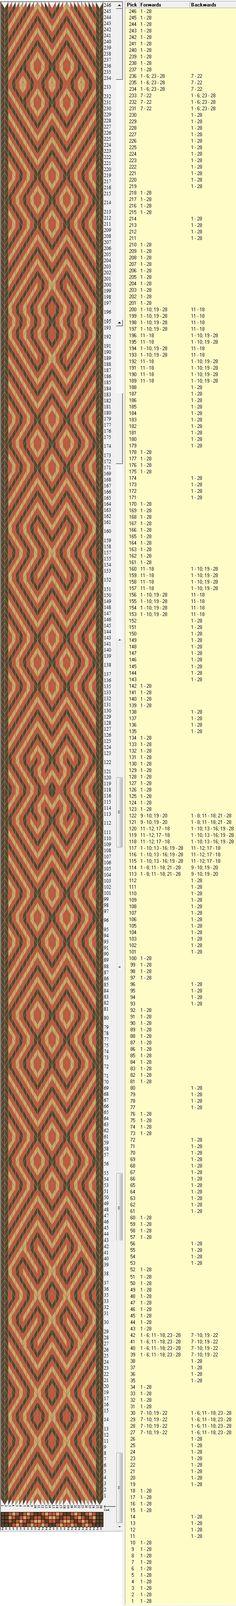 28 tarjetas, 3 colores // sed_562 diseñado en GTT༺❁